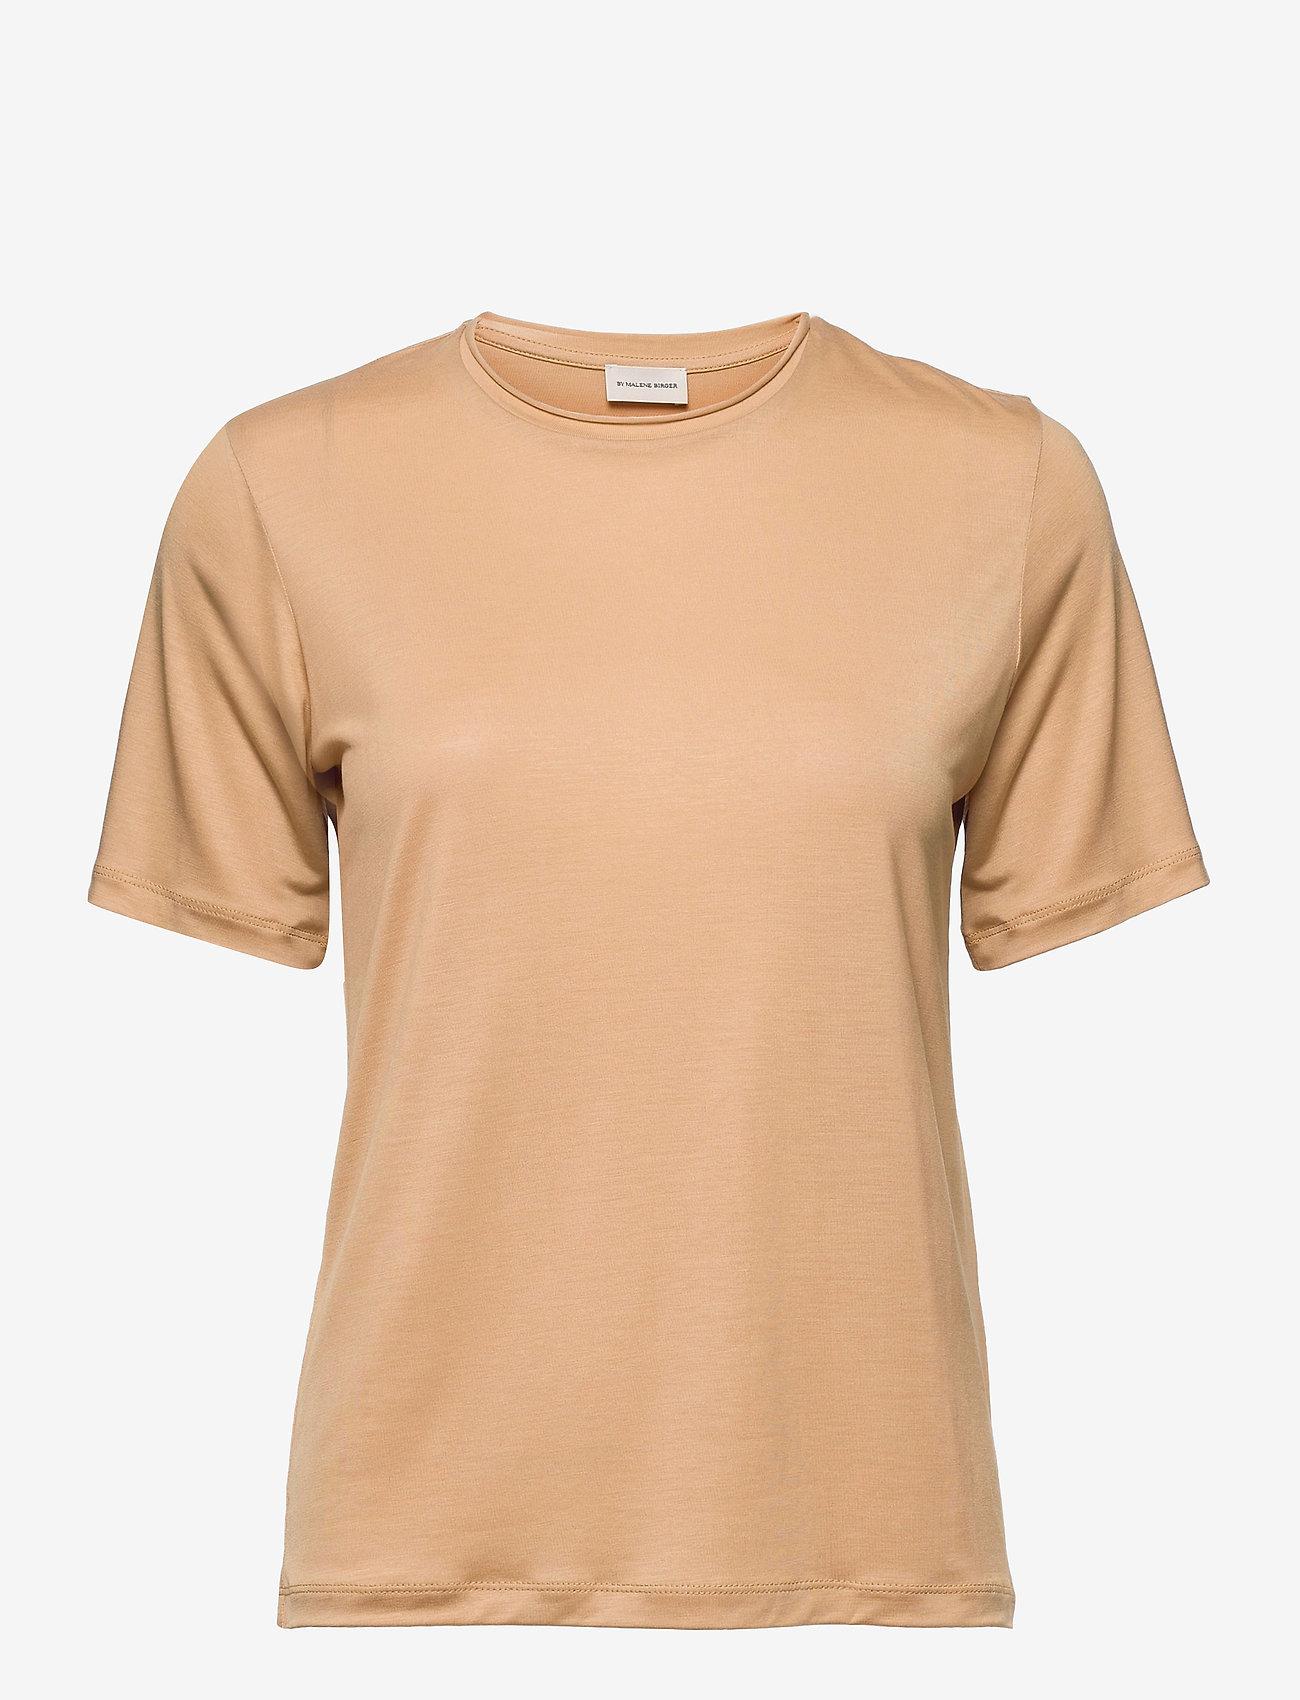 By Malene Birger - AMATTA - t-shirts - tan - 0